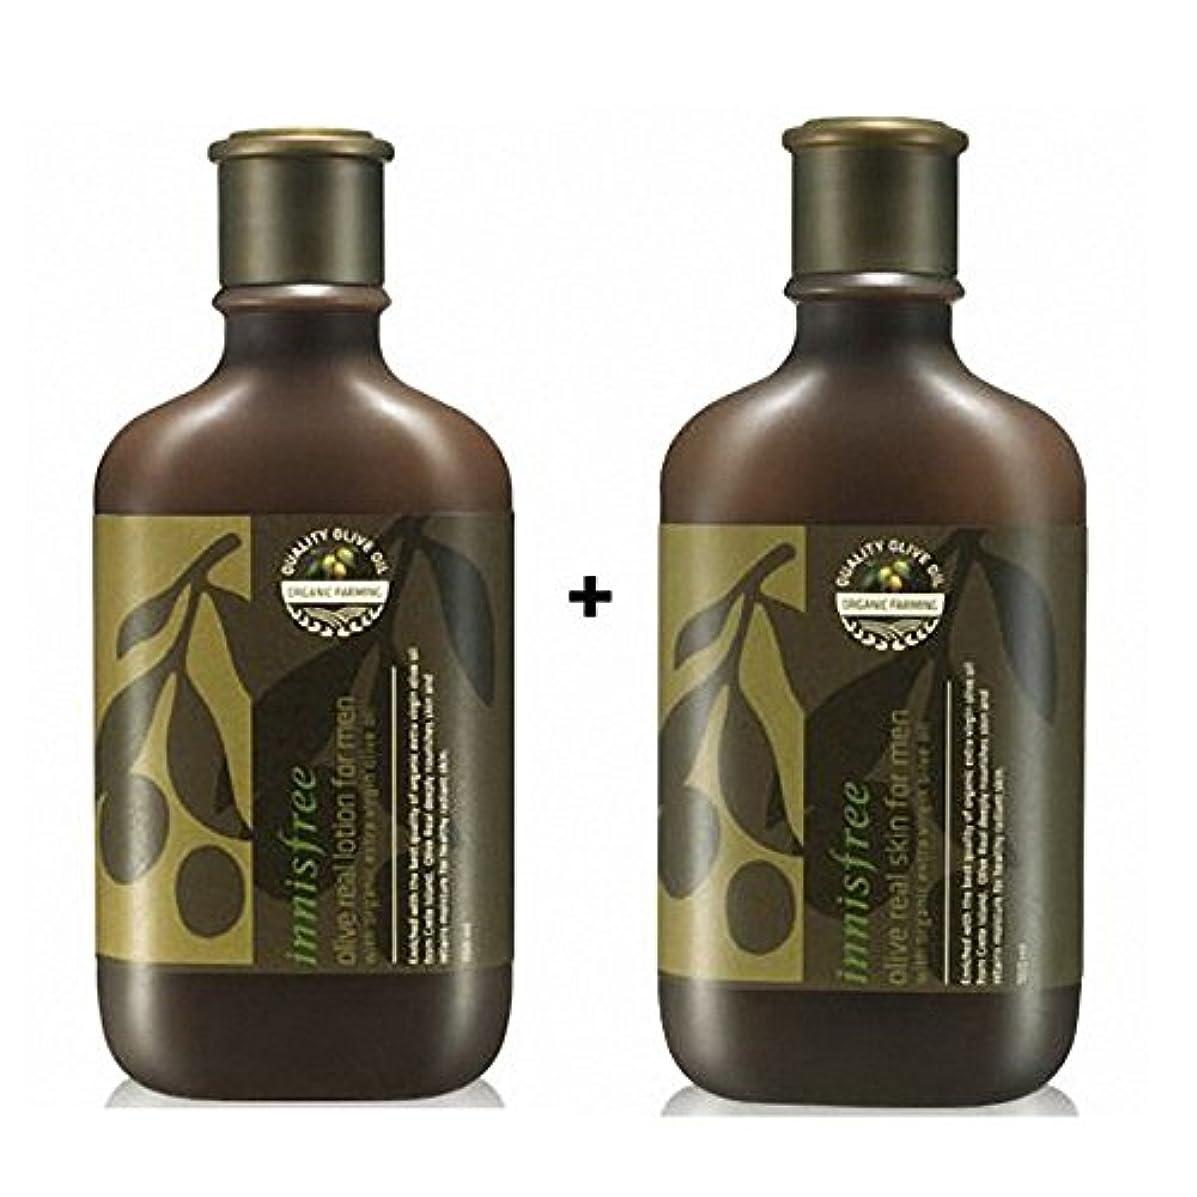 シャツ汚染ストラップ[イニスフリー] Innisfree オリーブリアルローション.スキンフォアマンセット(150ml+150ml) Innisfree Olive Real Lotion.Skin Set  For Men(150ml+150ml...